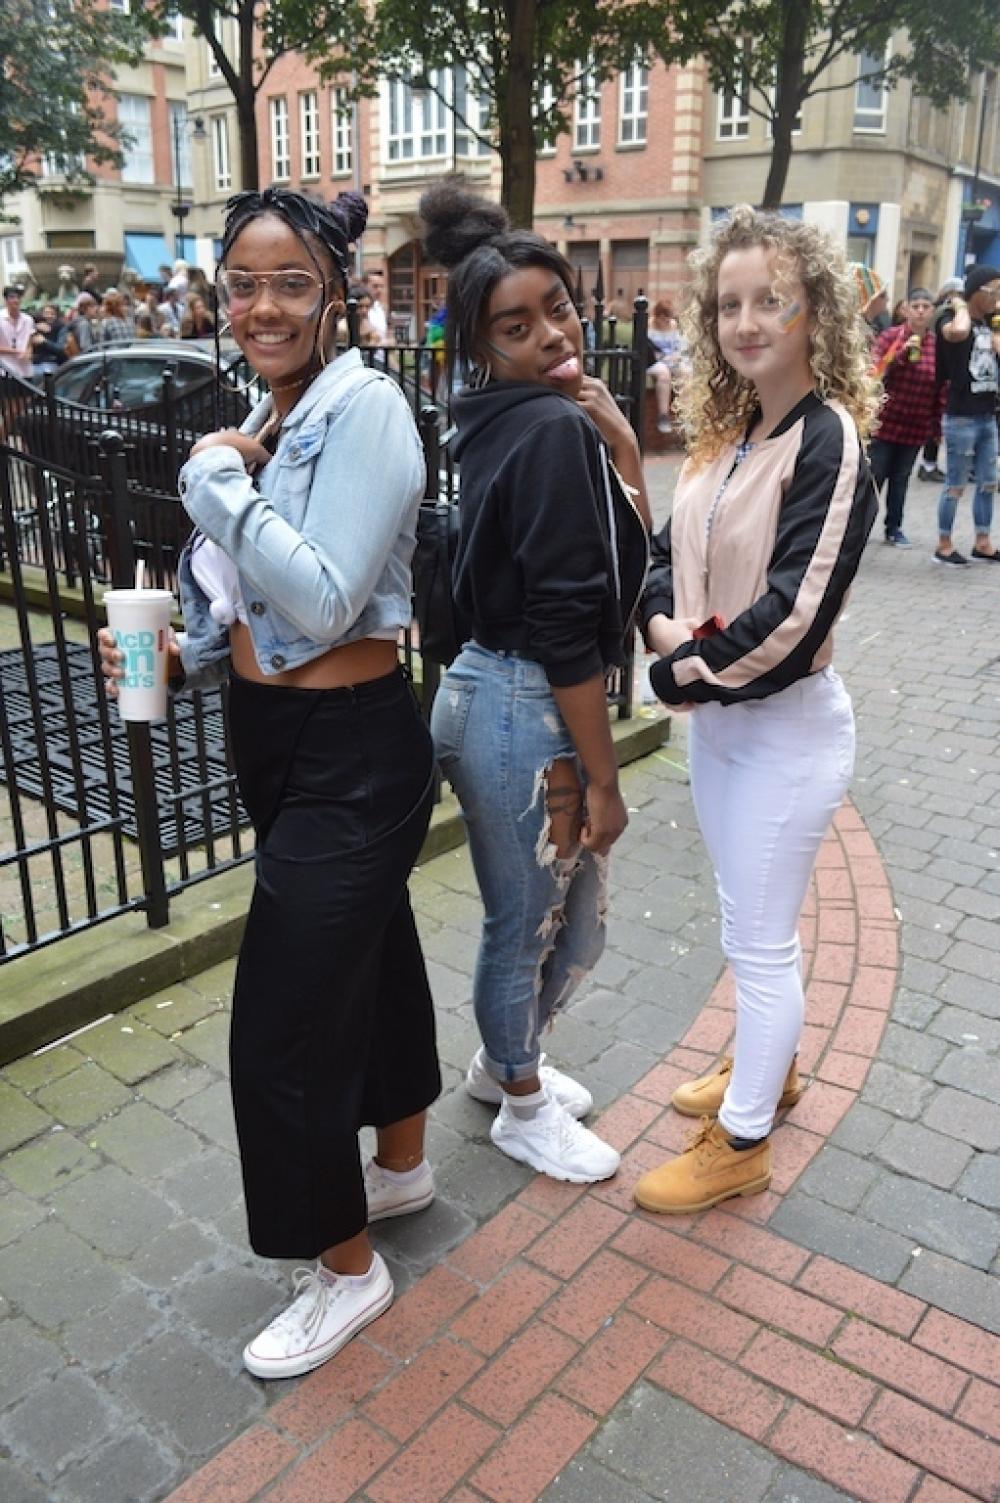 2017 08 14 Leeds Street Style Dsc 0579